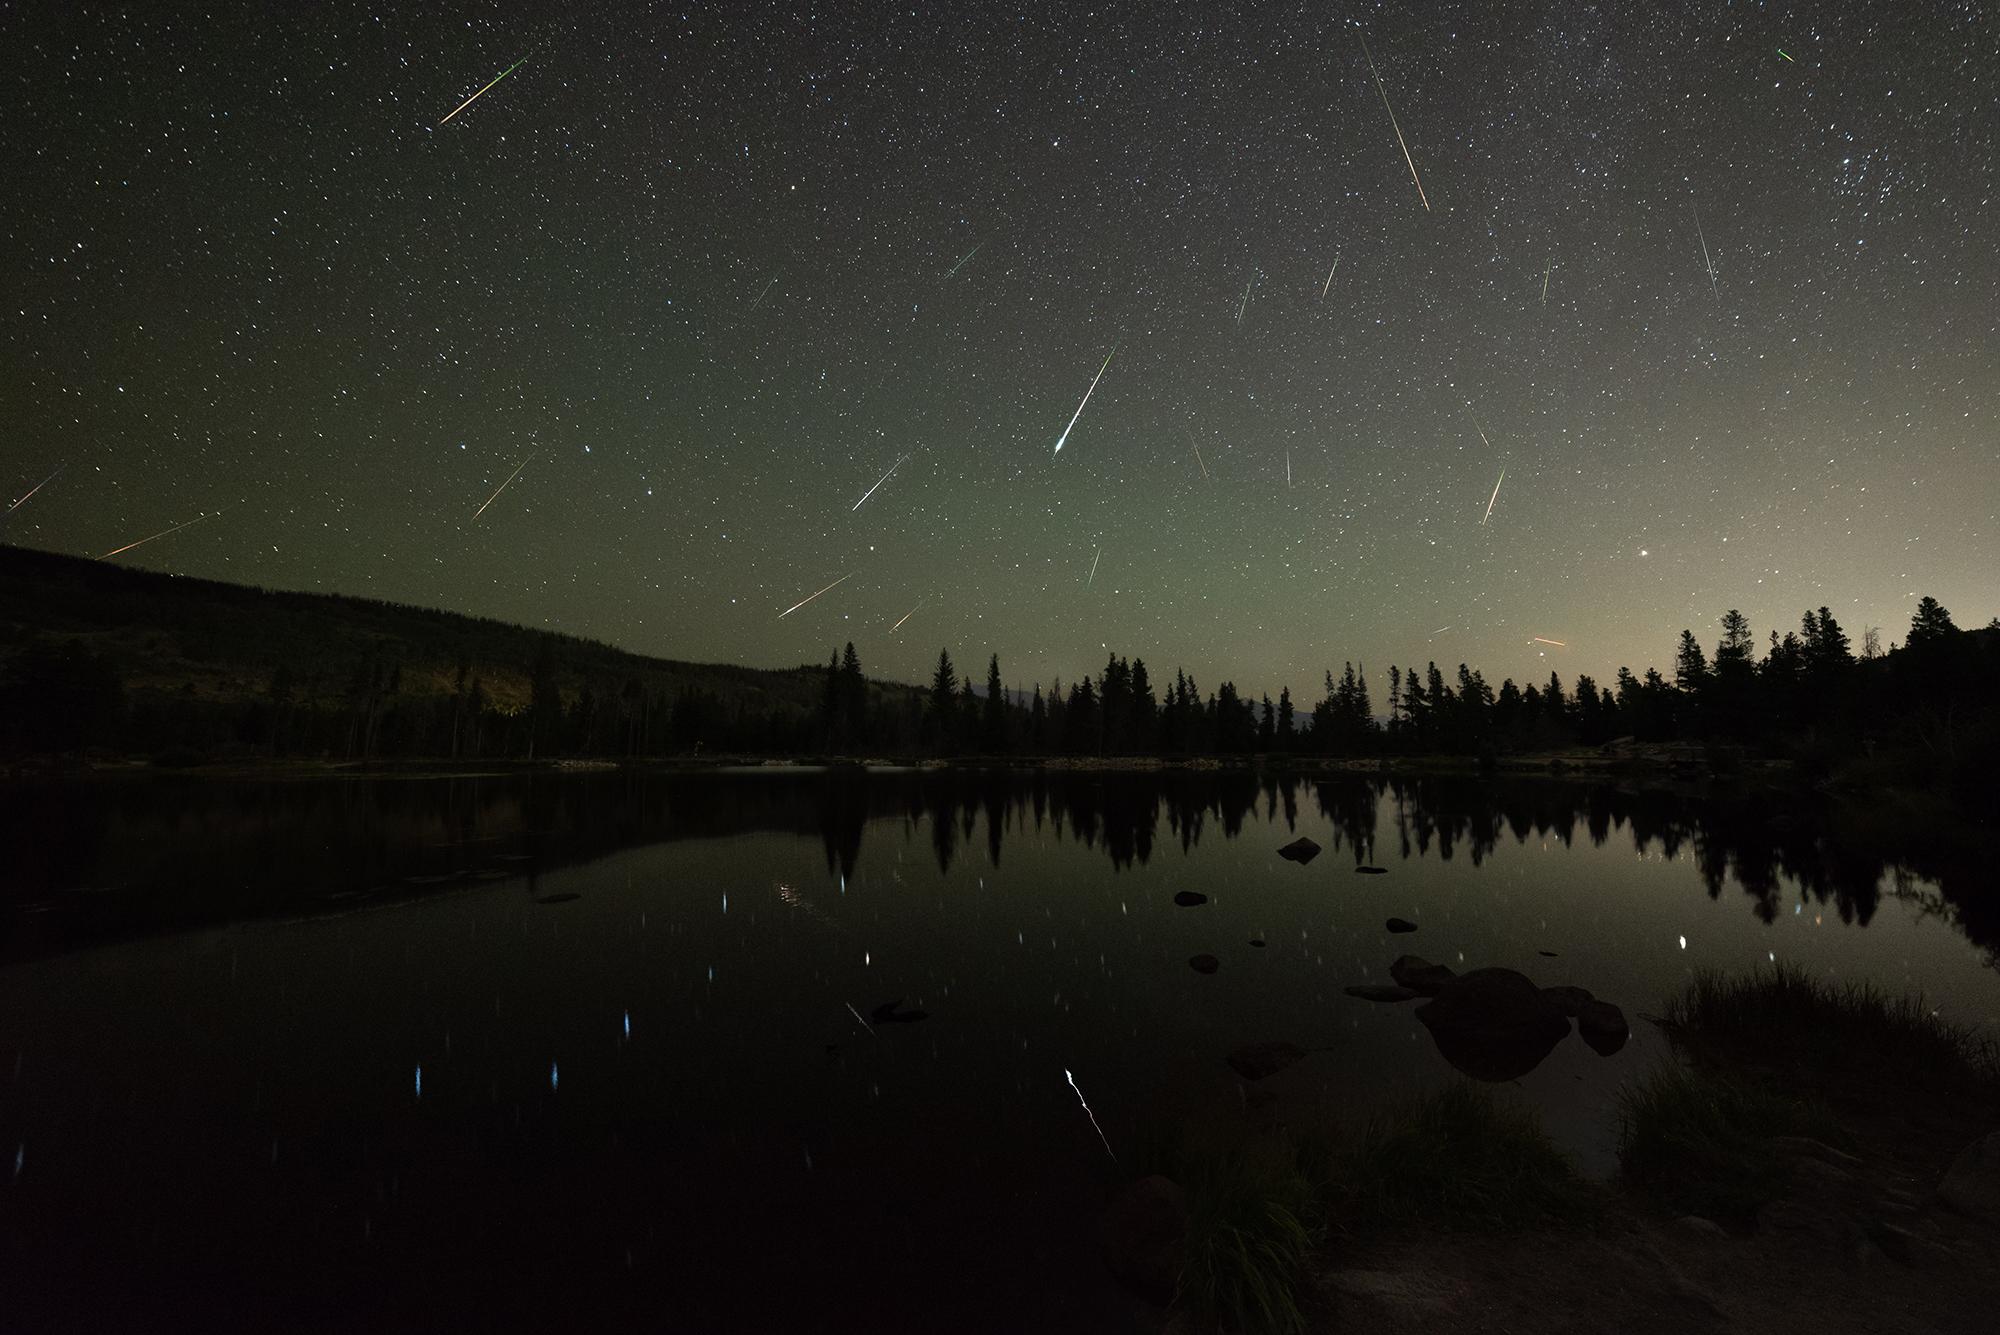 De nombreux météores - y compris des boules de feu - sont visibles sur le lac Sprague dans le parc national des montagnes Rocheuses sur cette photo de l'astrophotographe Sergio Garcia Rill.  Il a capturé ces météores au pic de la pluie de météores perséides le 12 août 2018.